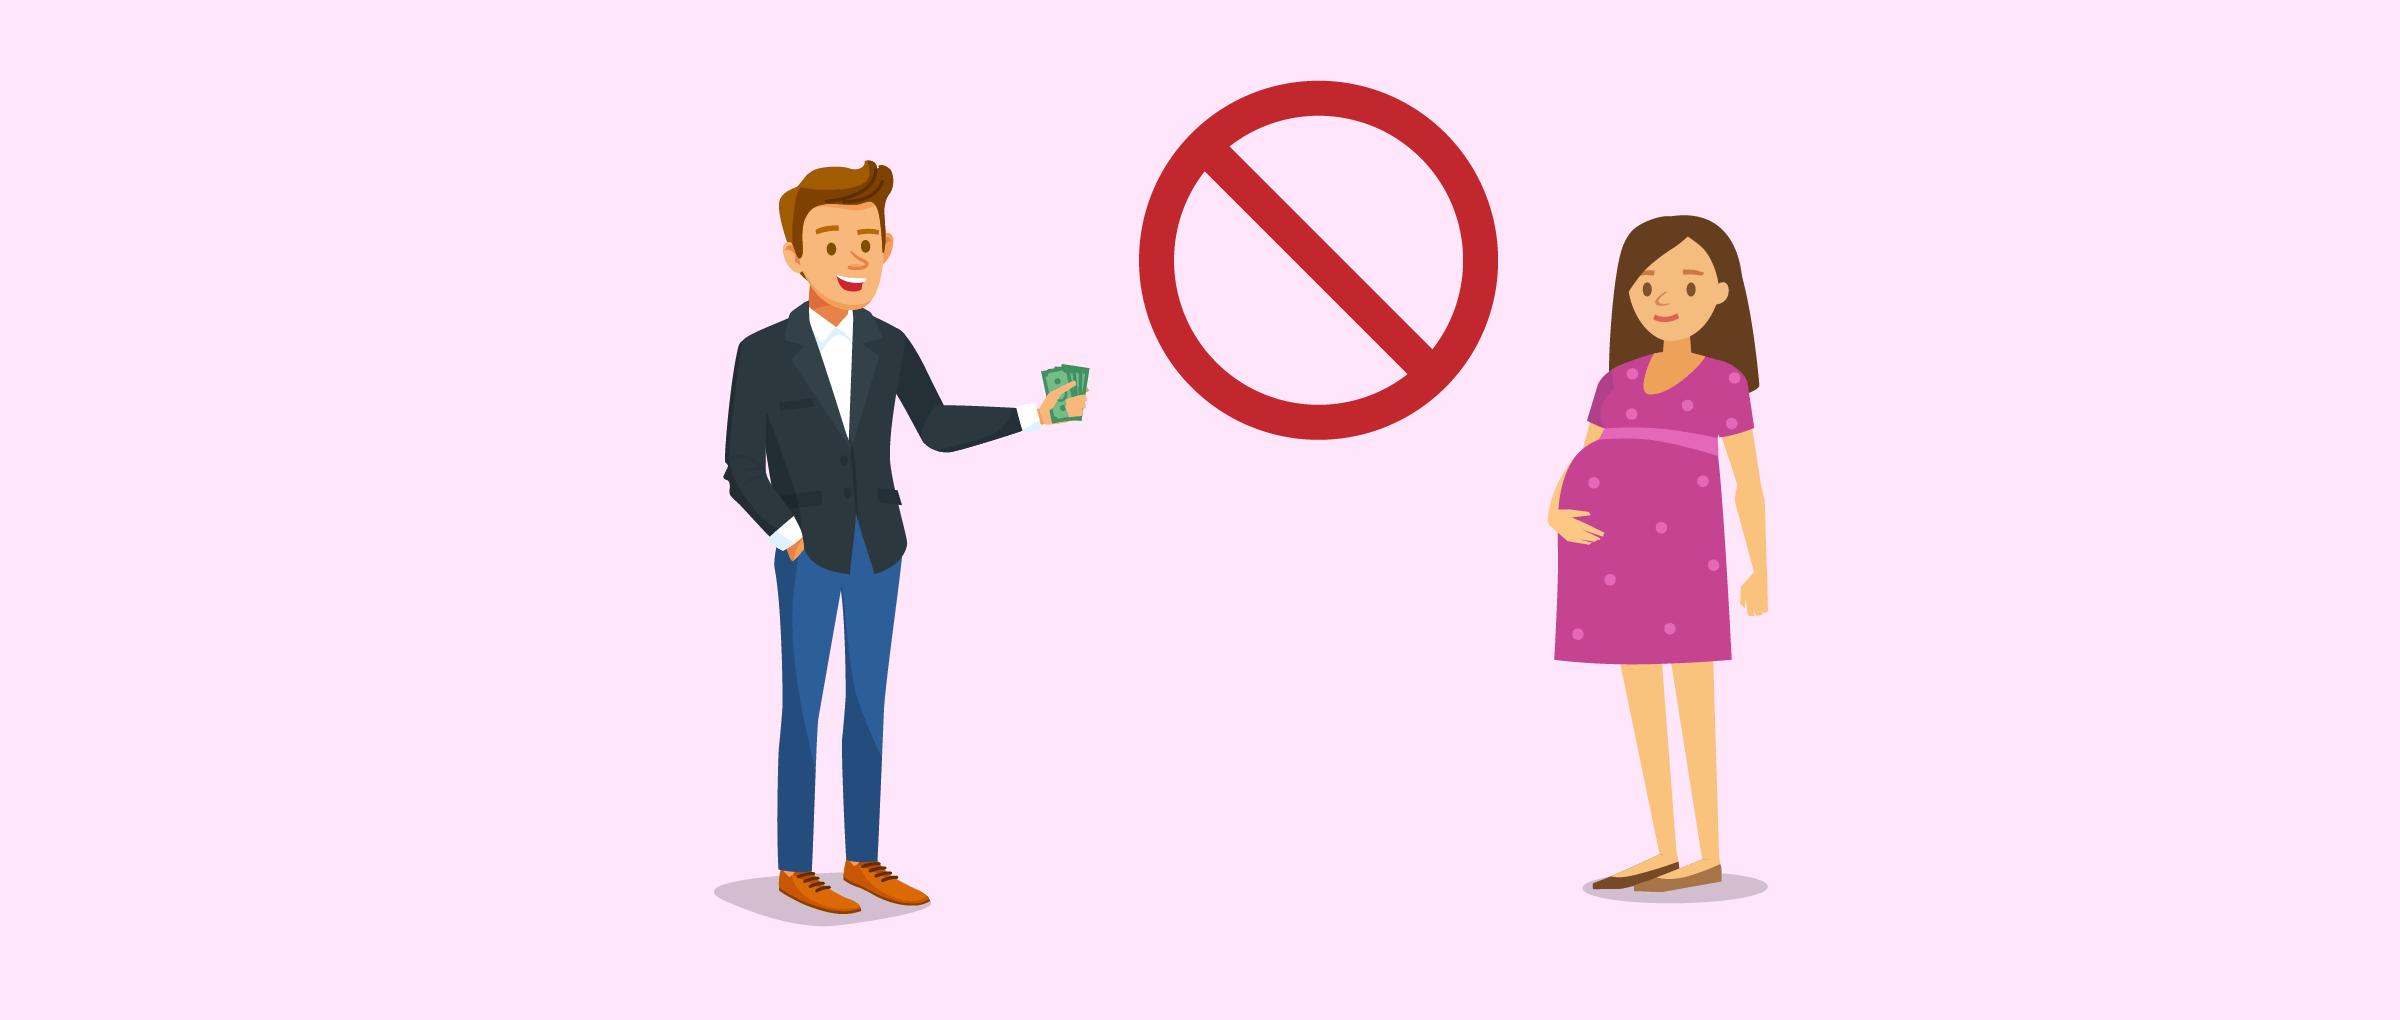 Prohibido pagar a la gestante